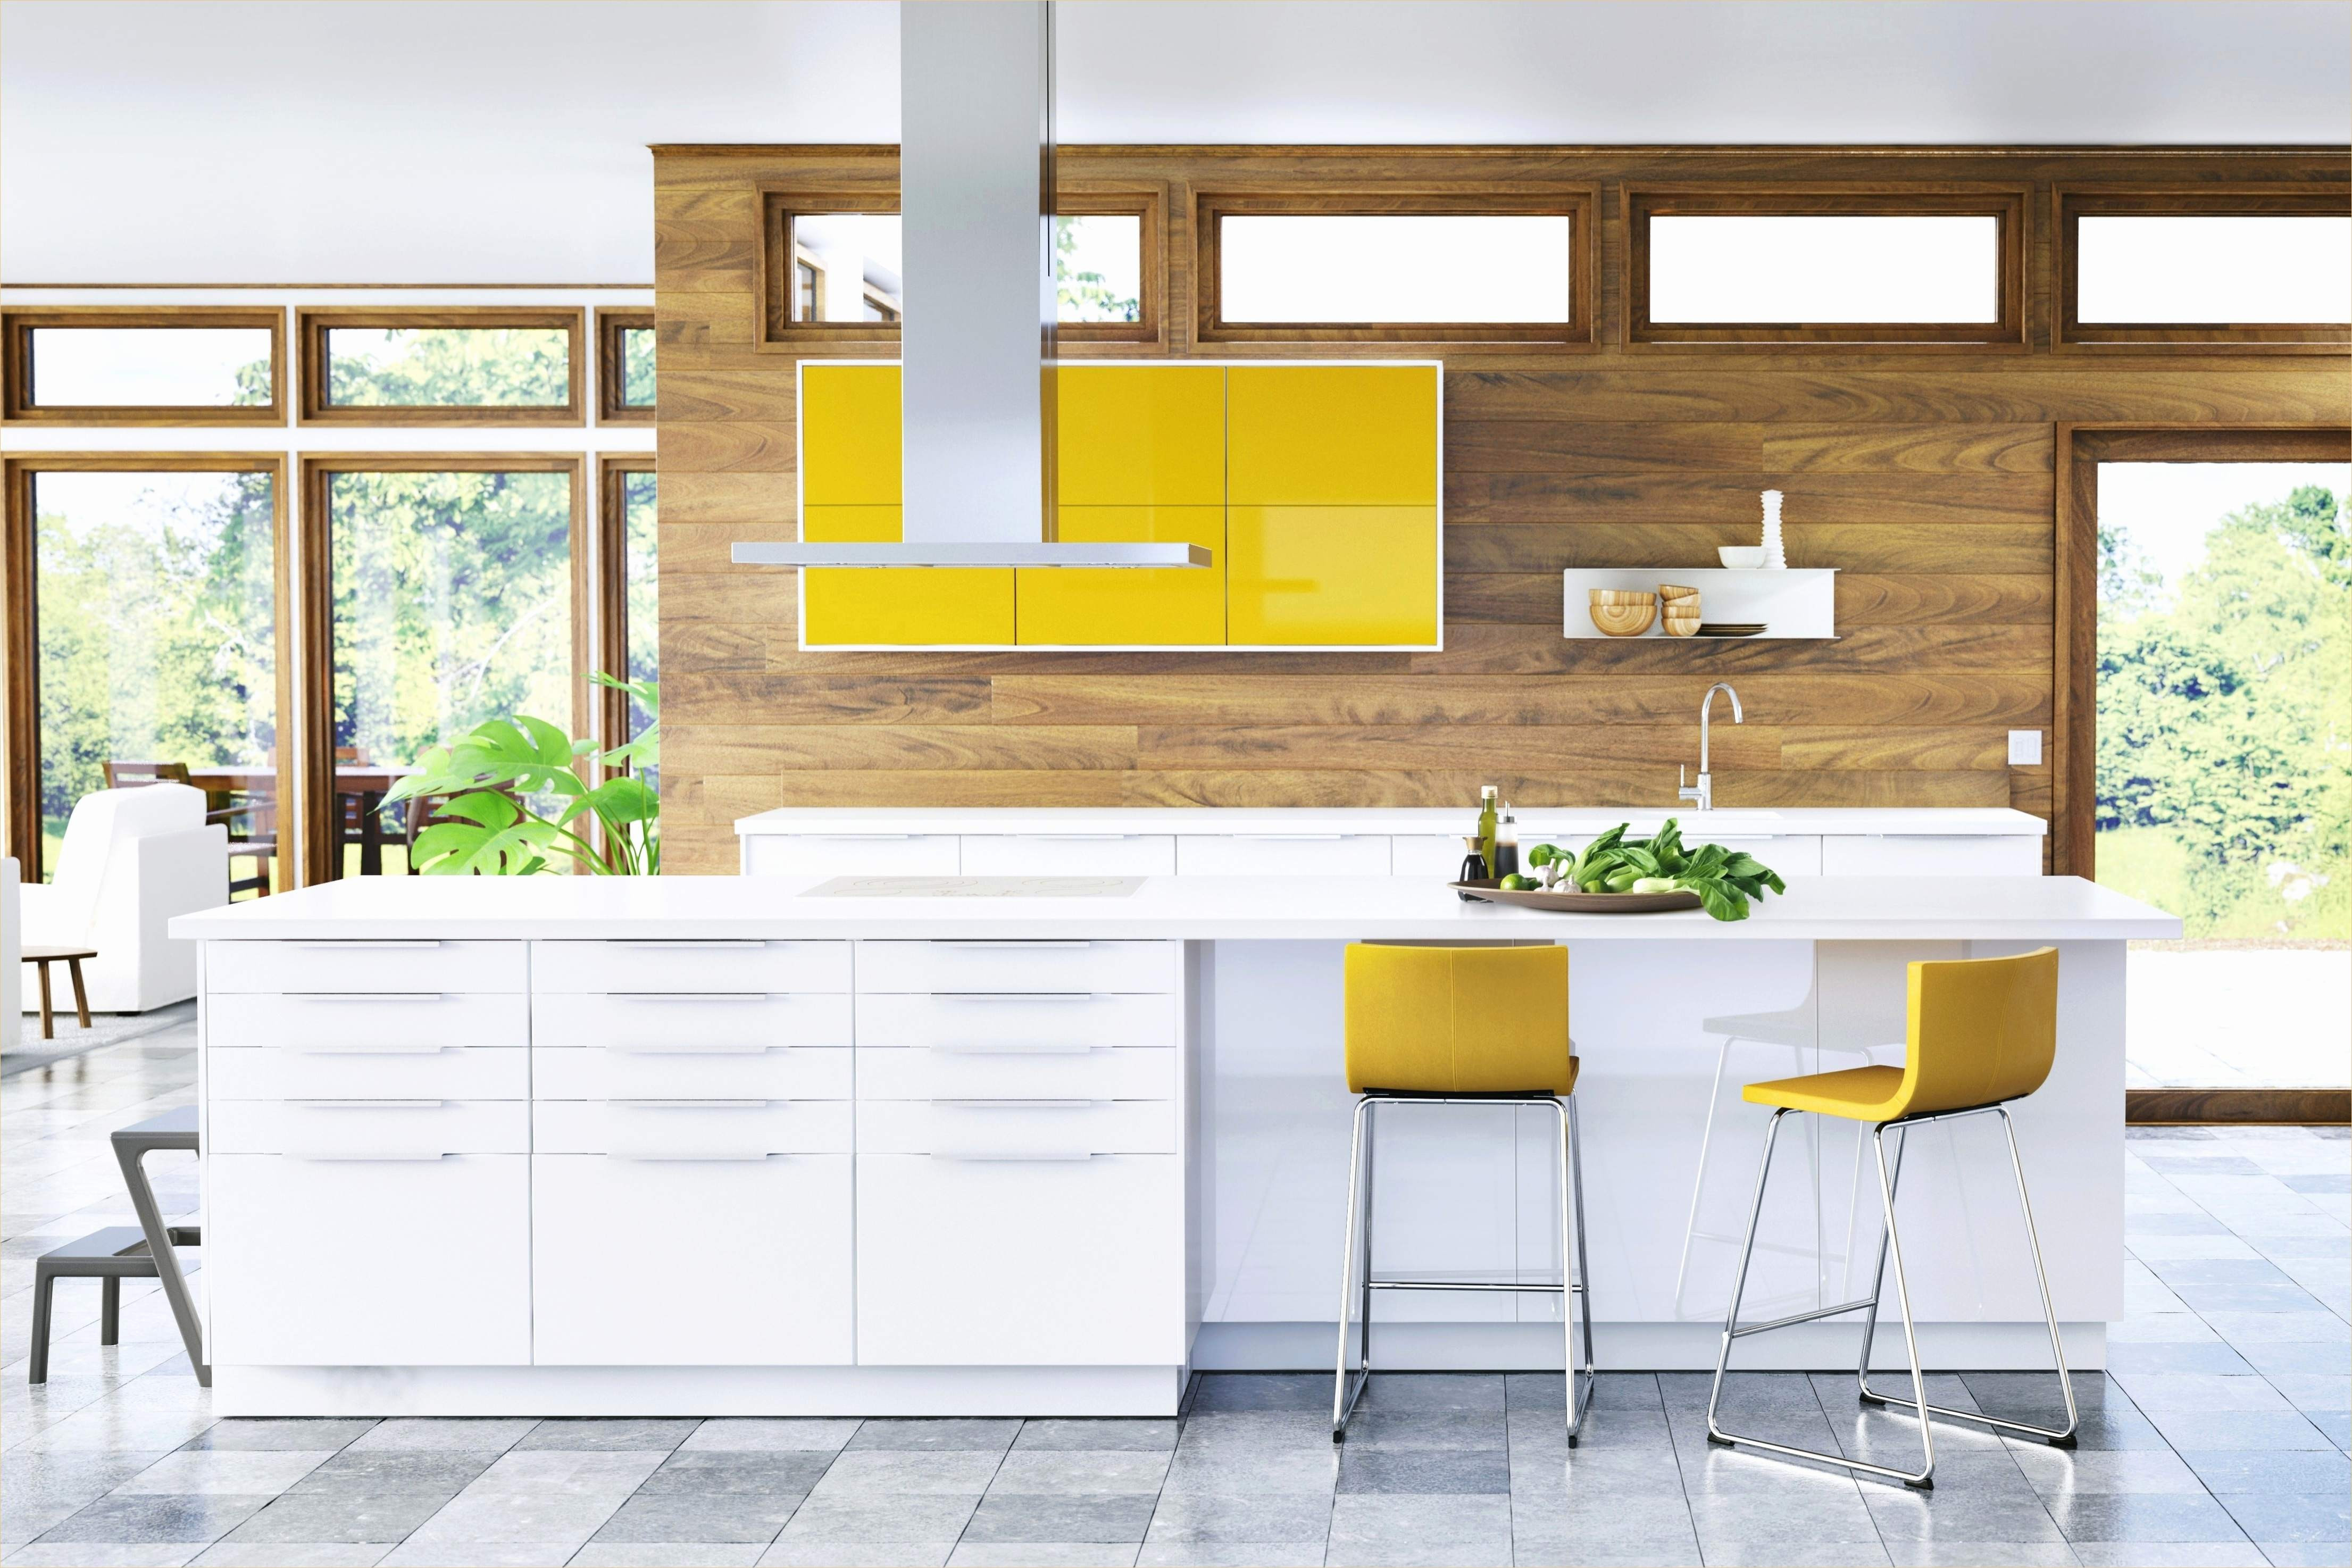 Ikea Cuisine Ilot Beau Photos Cuisine Ilot Central Ikea Inspiré Cuisine Ikea Voxtorp Moderne